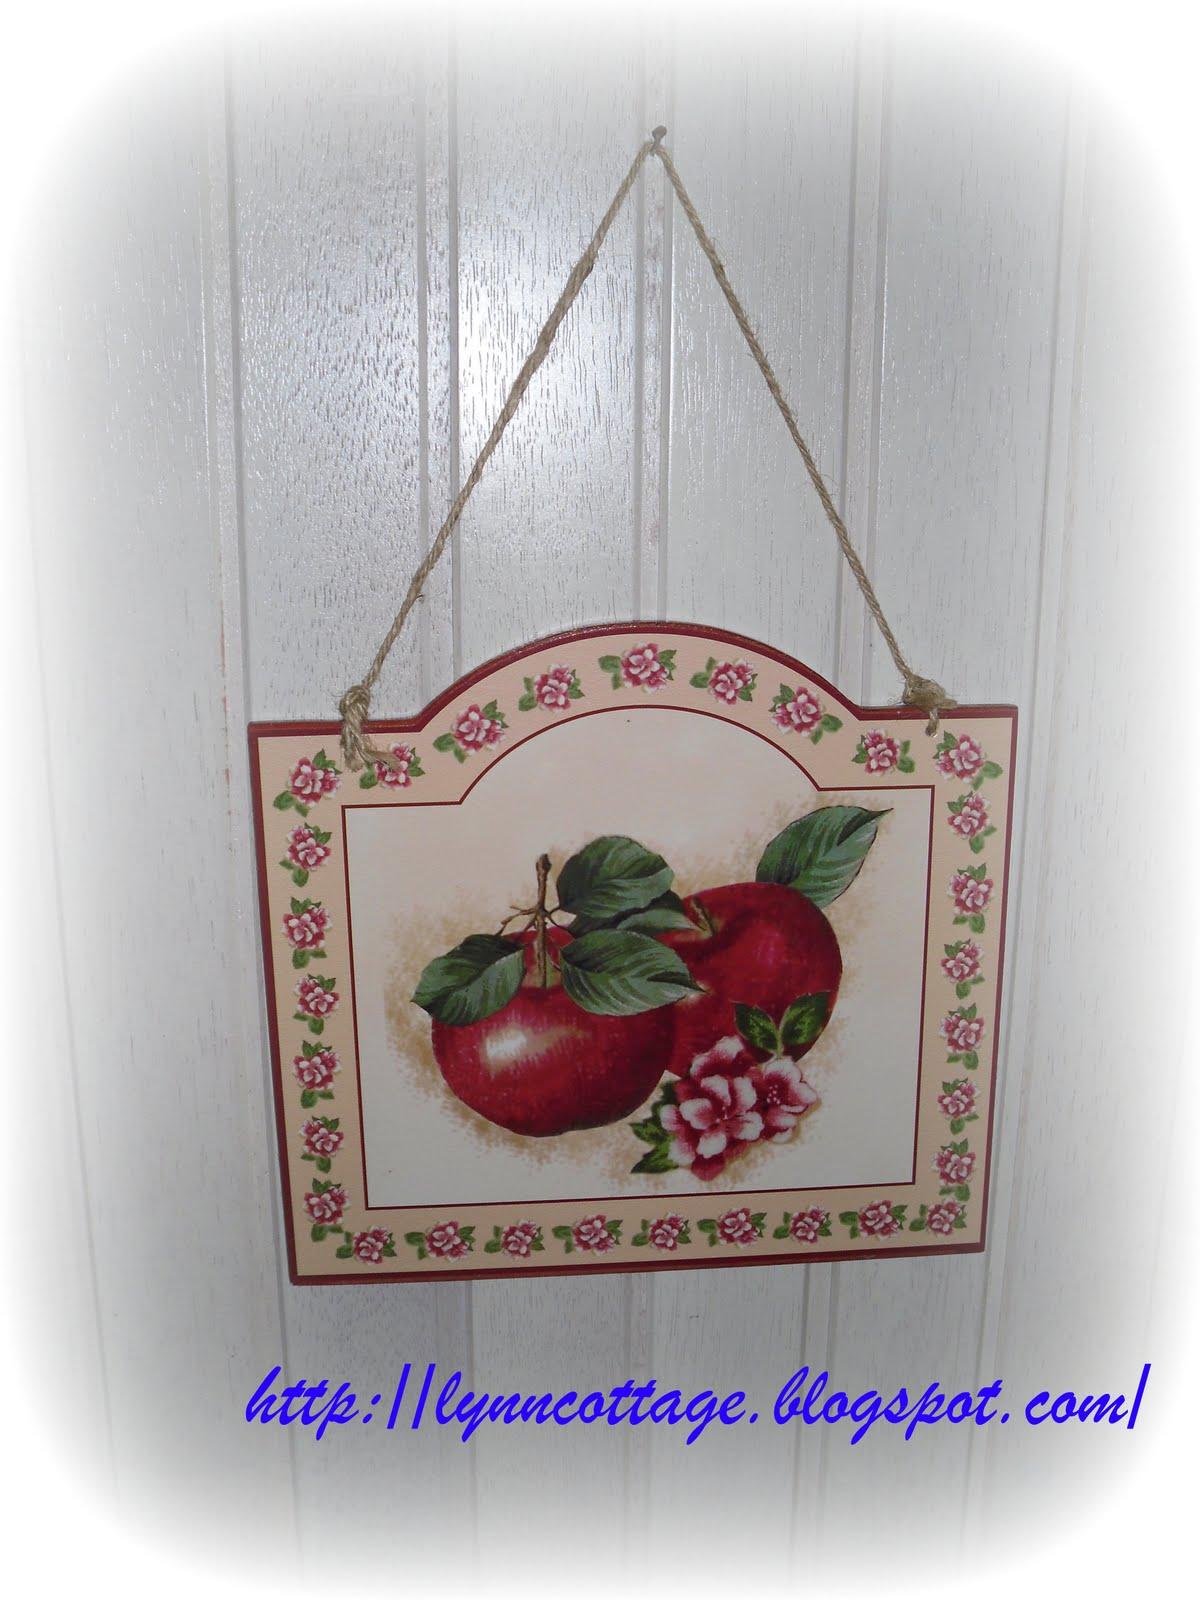 http://1.bp.blogspot.com/_vvqJ-N8IMK8/TAJn5QlLc5I/AAAAAAAABvU/QL6u05Gg_yM/s1600/apple+gantung.jpg